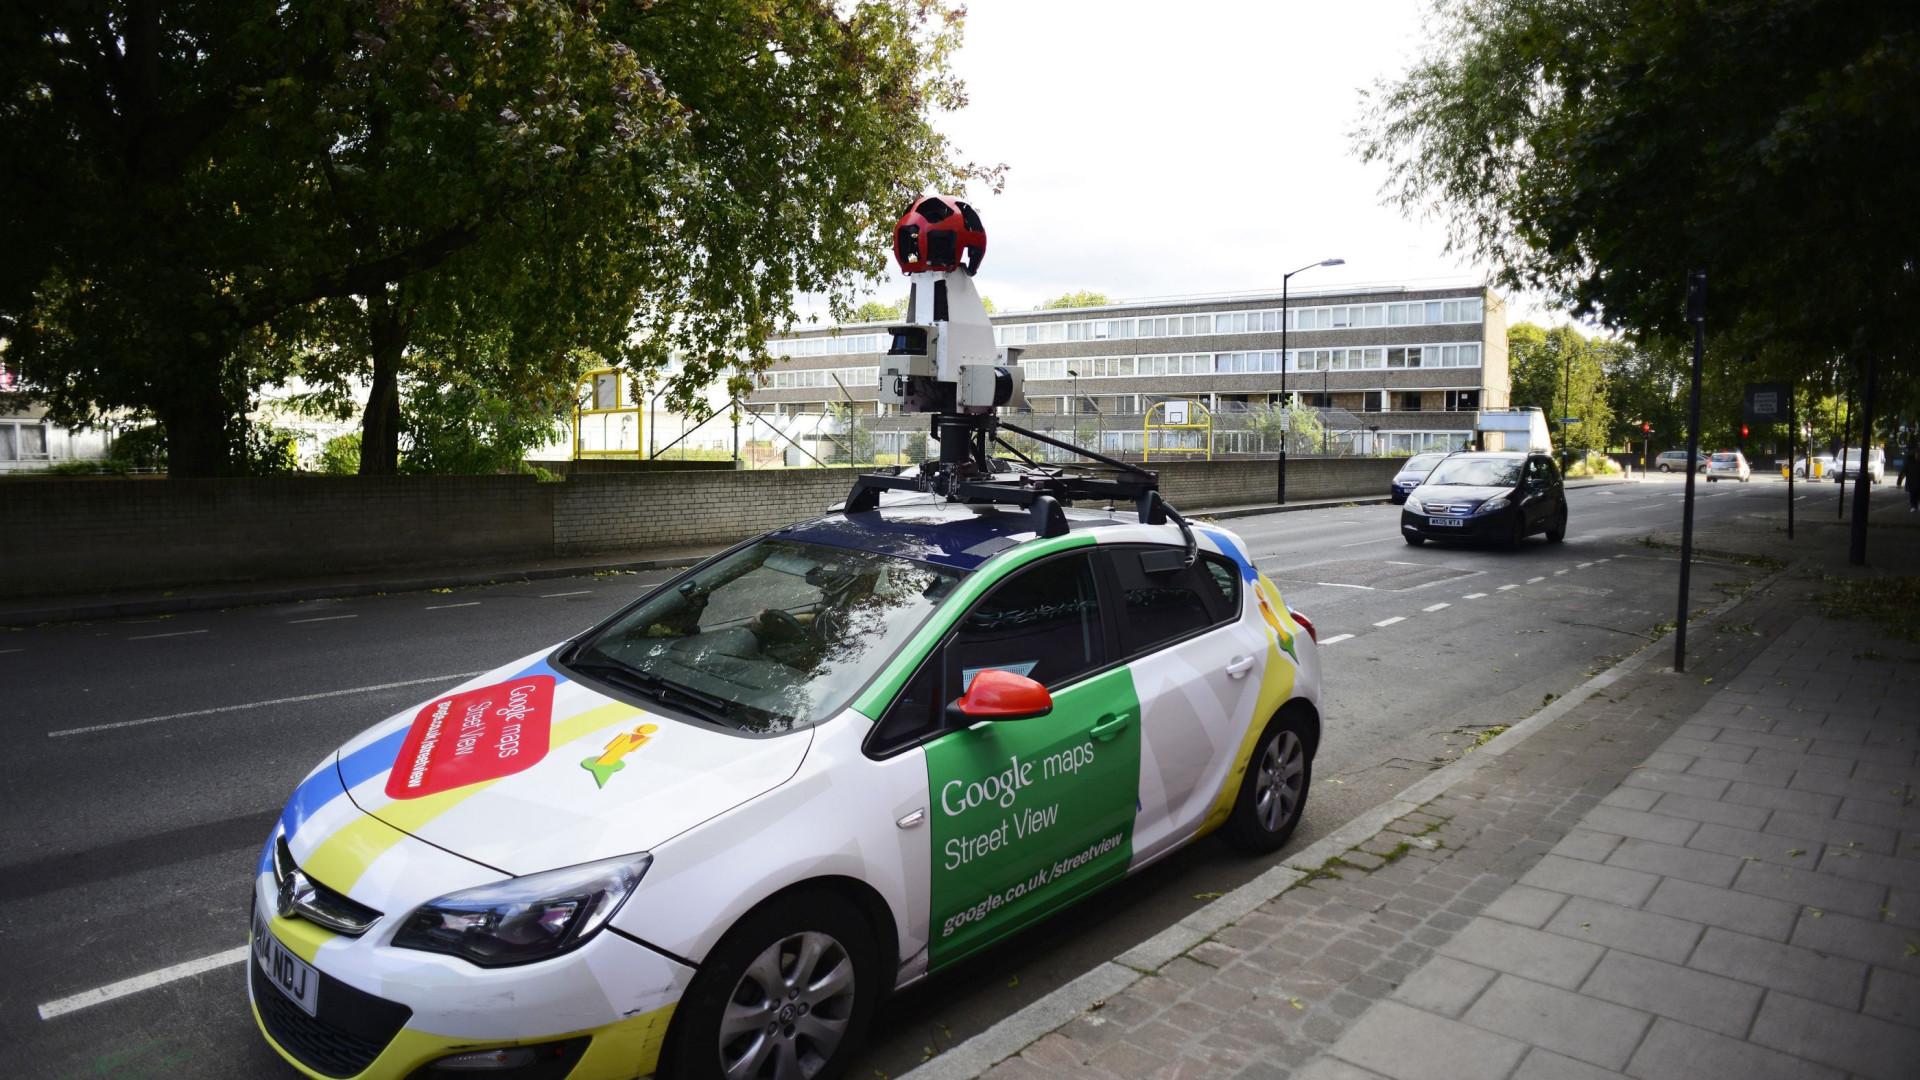 Carros da Google vão ajudar a proteger o meio ambiente